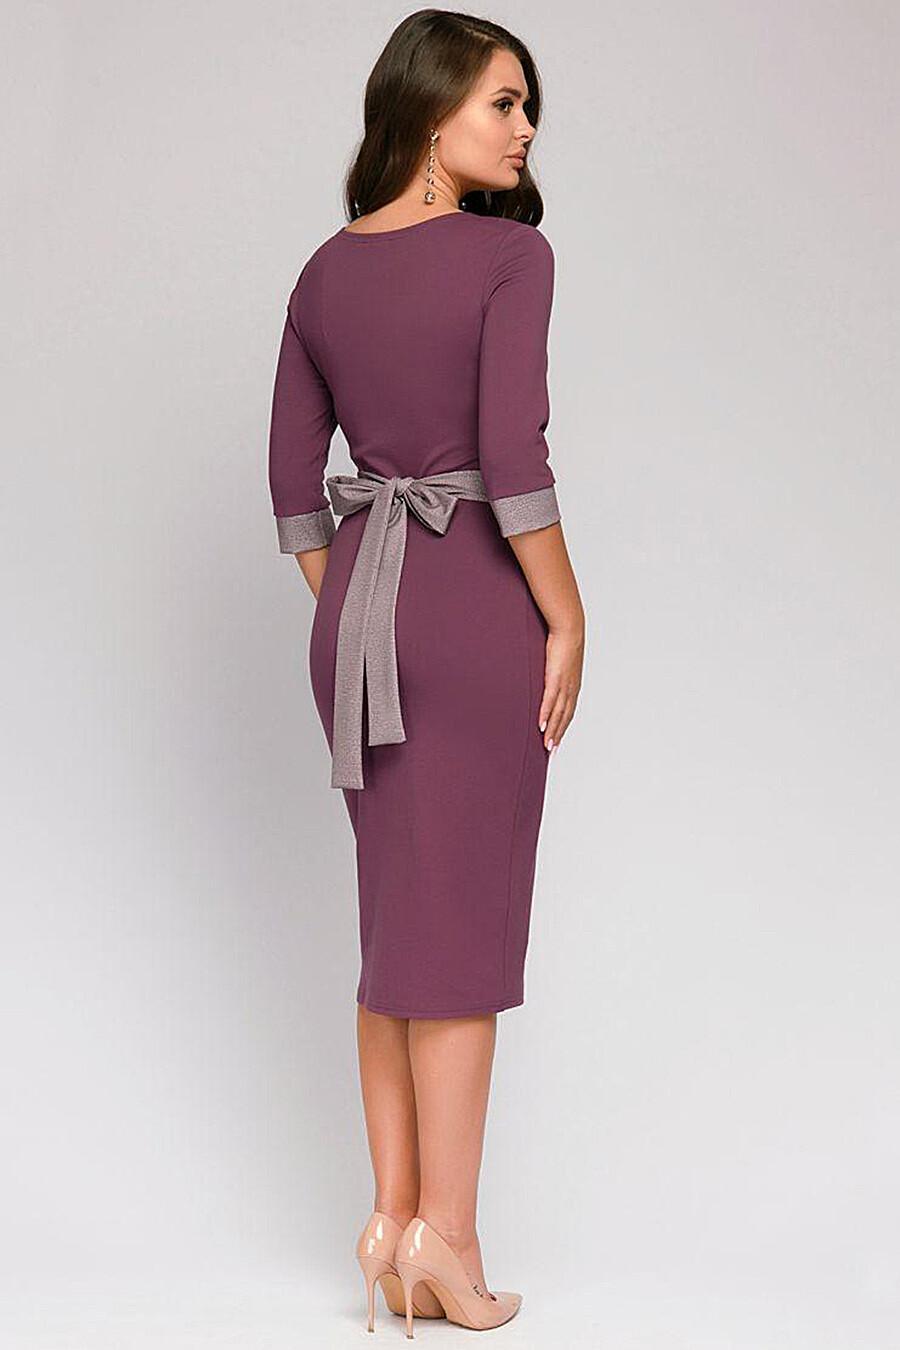 Платье для женщин 1001 DRESS 147258 купить оптом от производителя. Совместная покупка женской одежды в OptMoyo